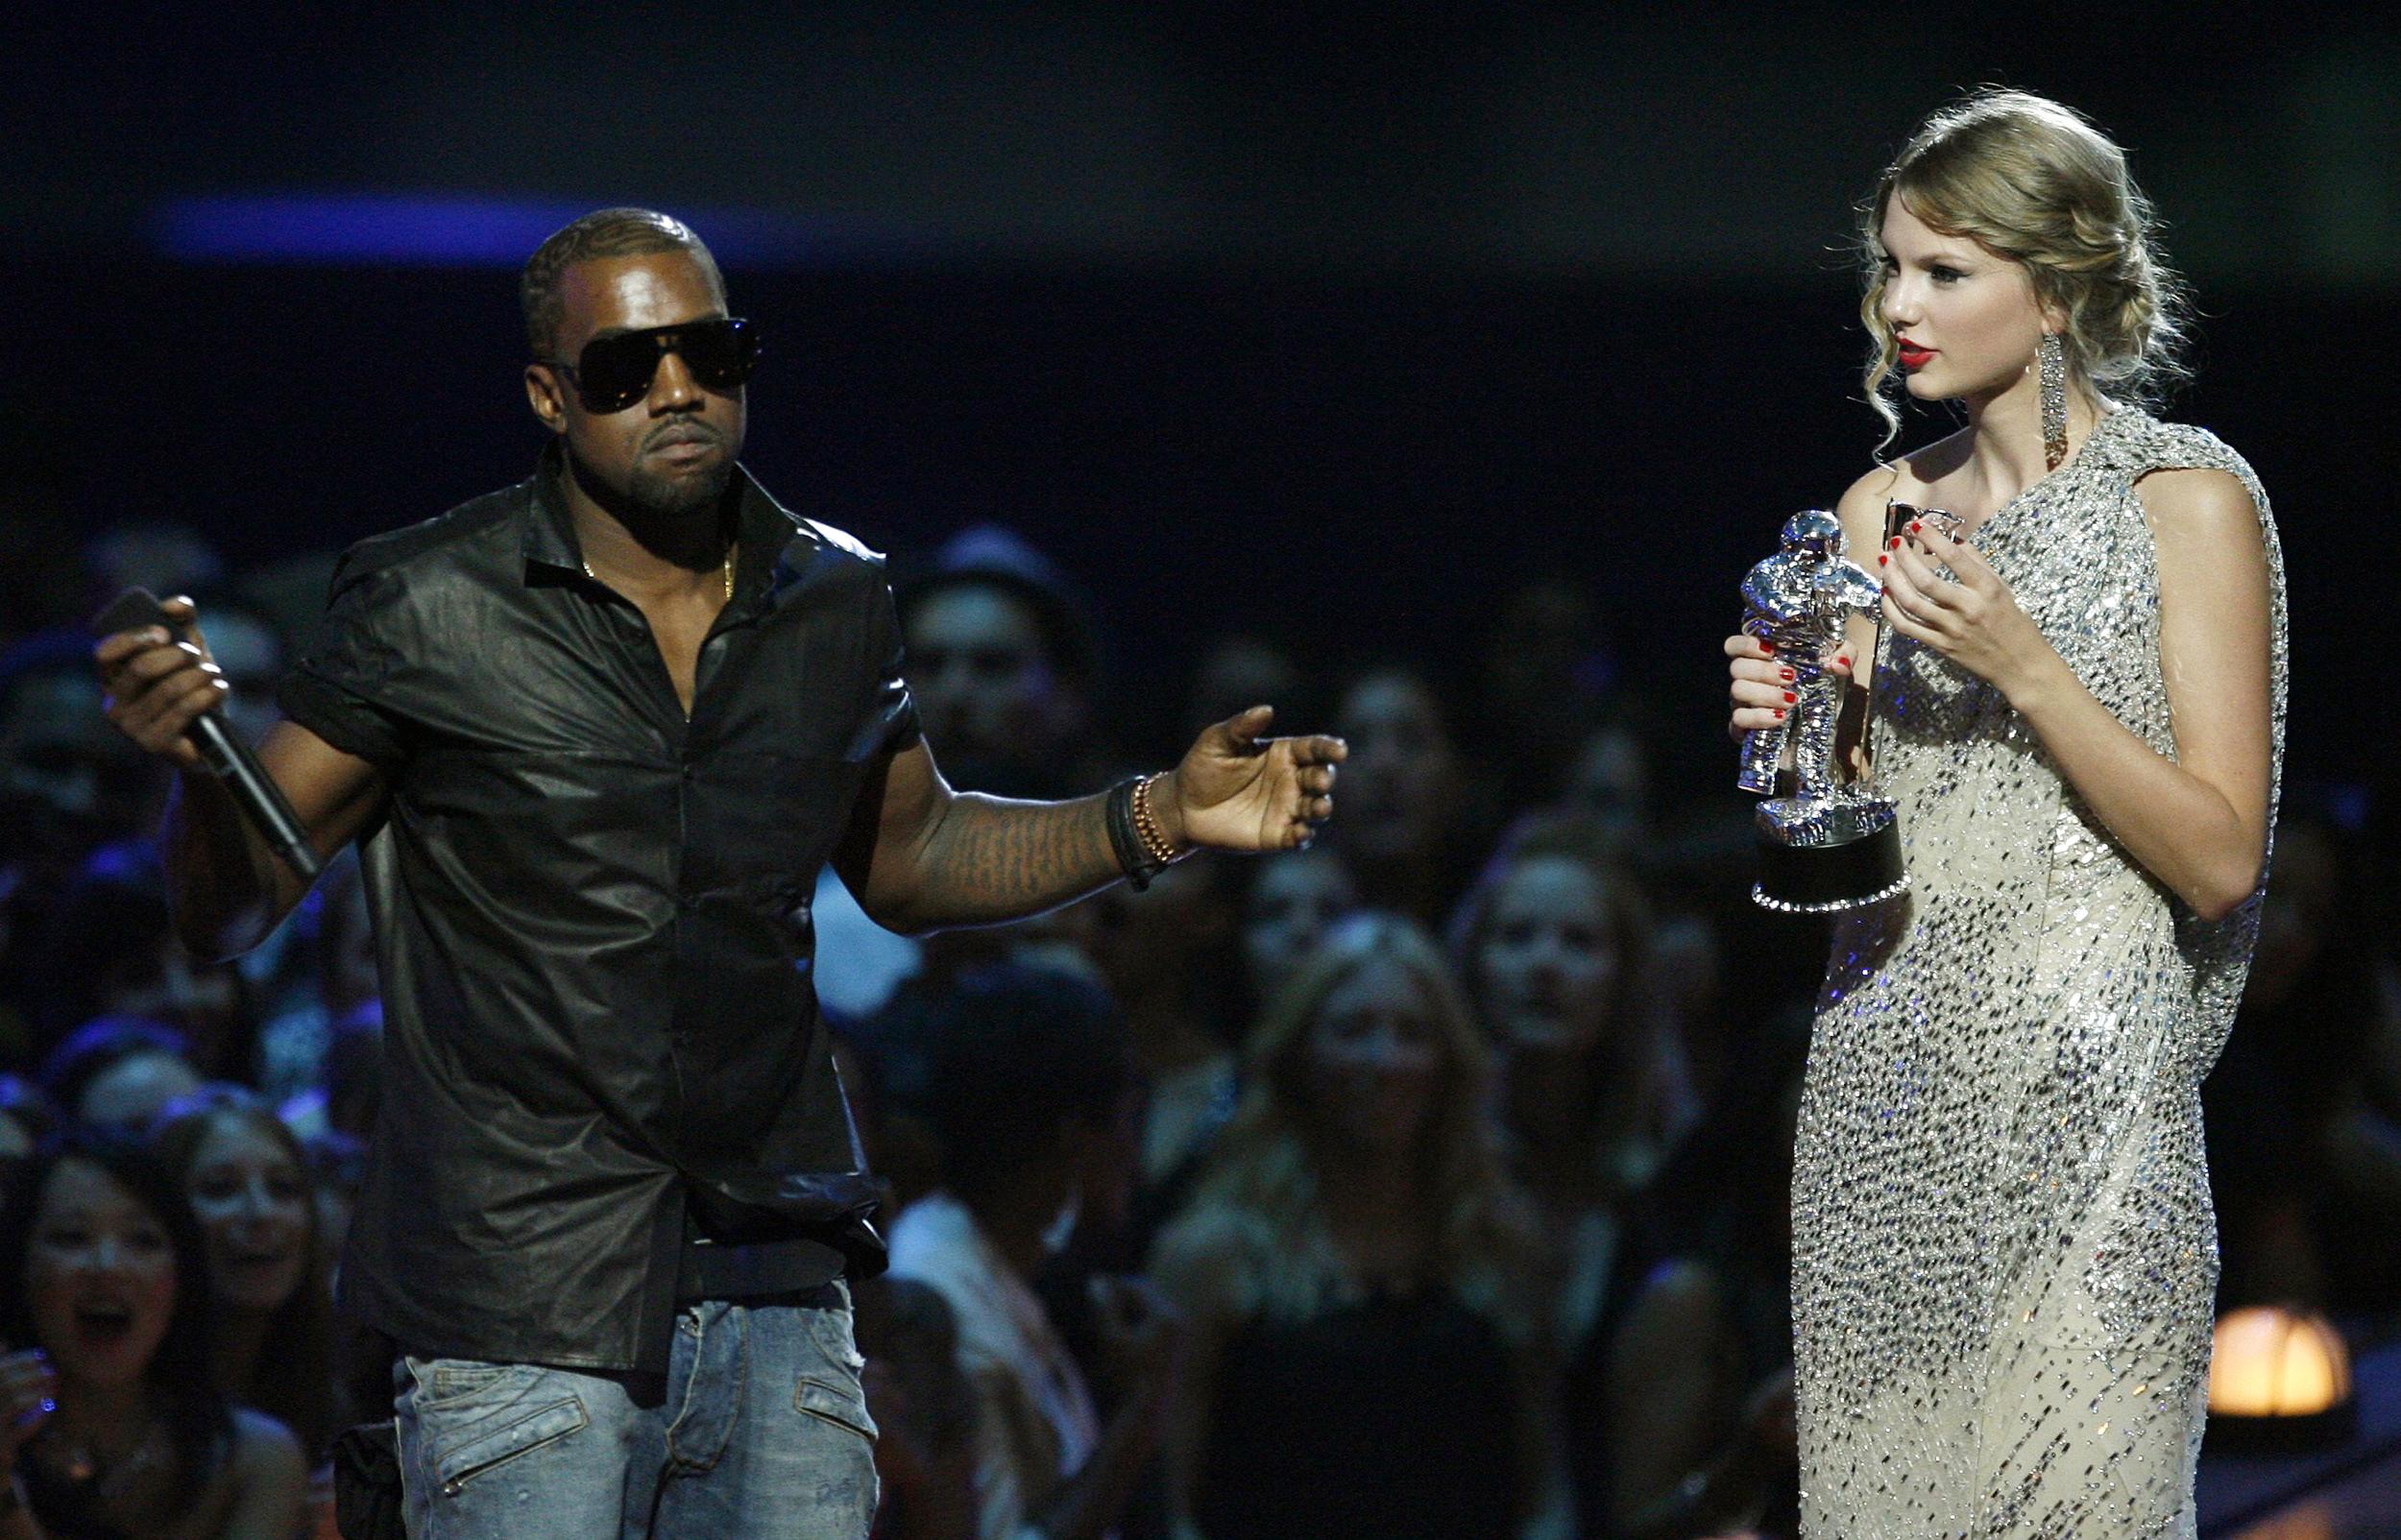 Swift leaked taylor Taylor Swift